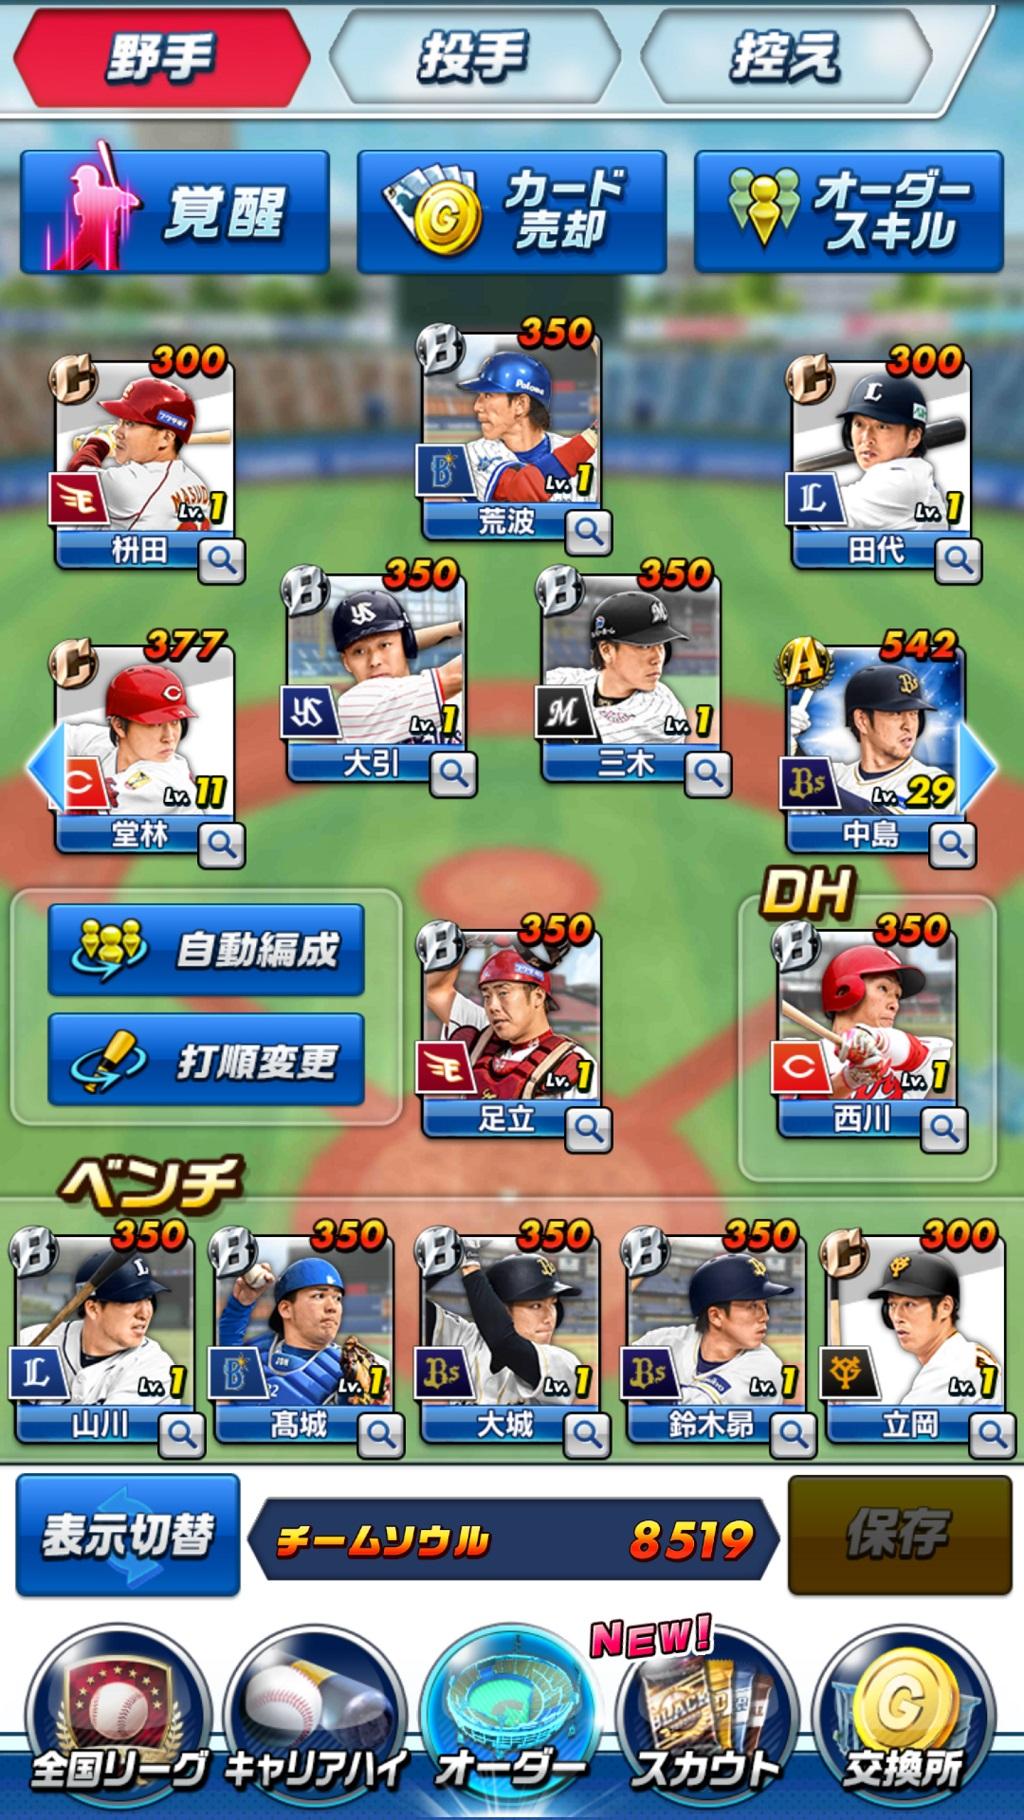 【プロ野球バーサス(VS)】最強オーダーを考案! …